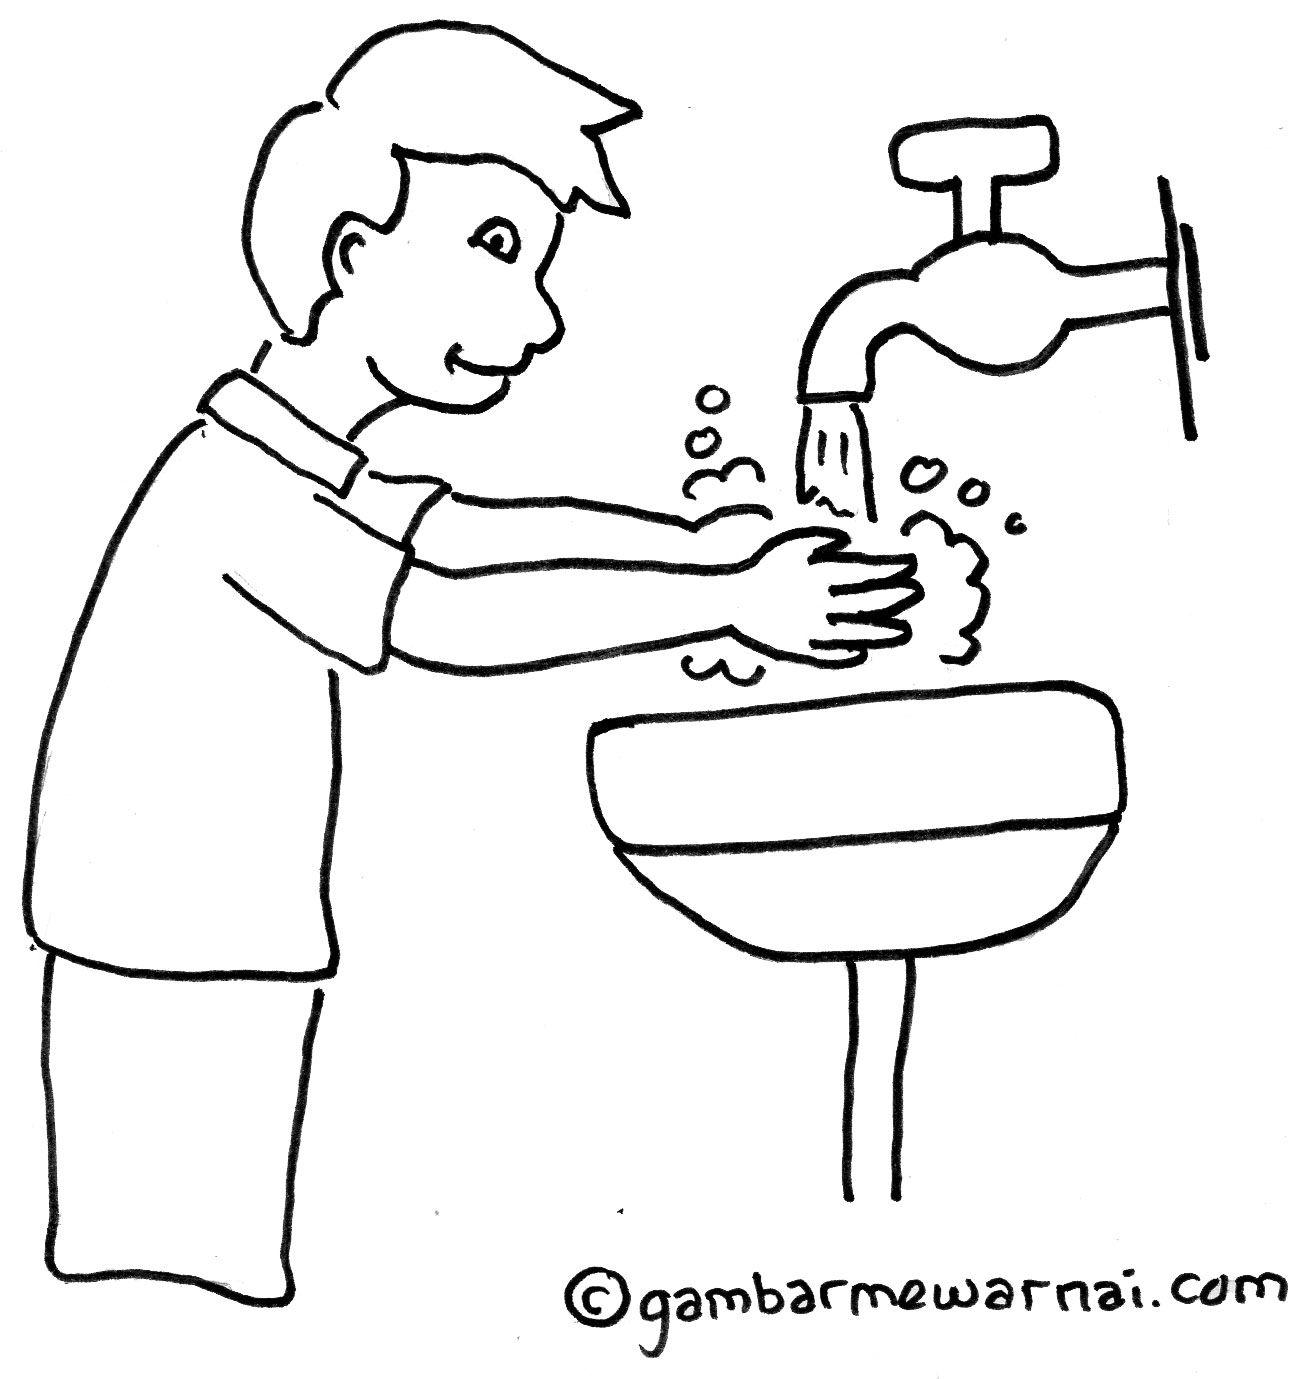 Contoh Gambar Mewarnai Anak Mencuci Tangan | Kartun